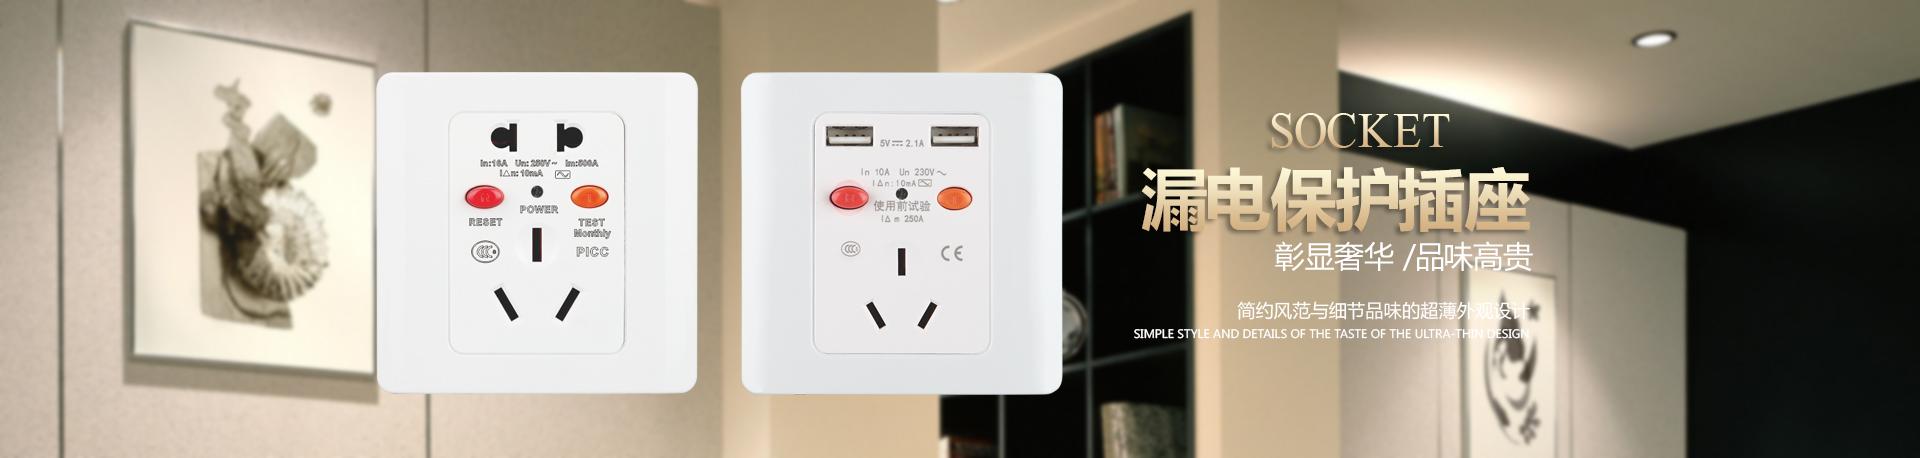 江苏福开电气科技有限公司